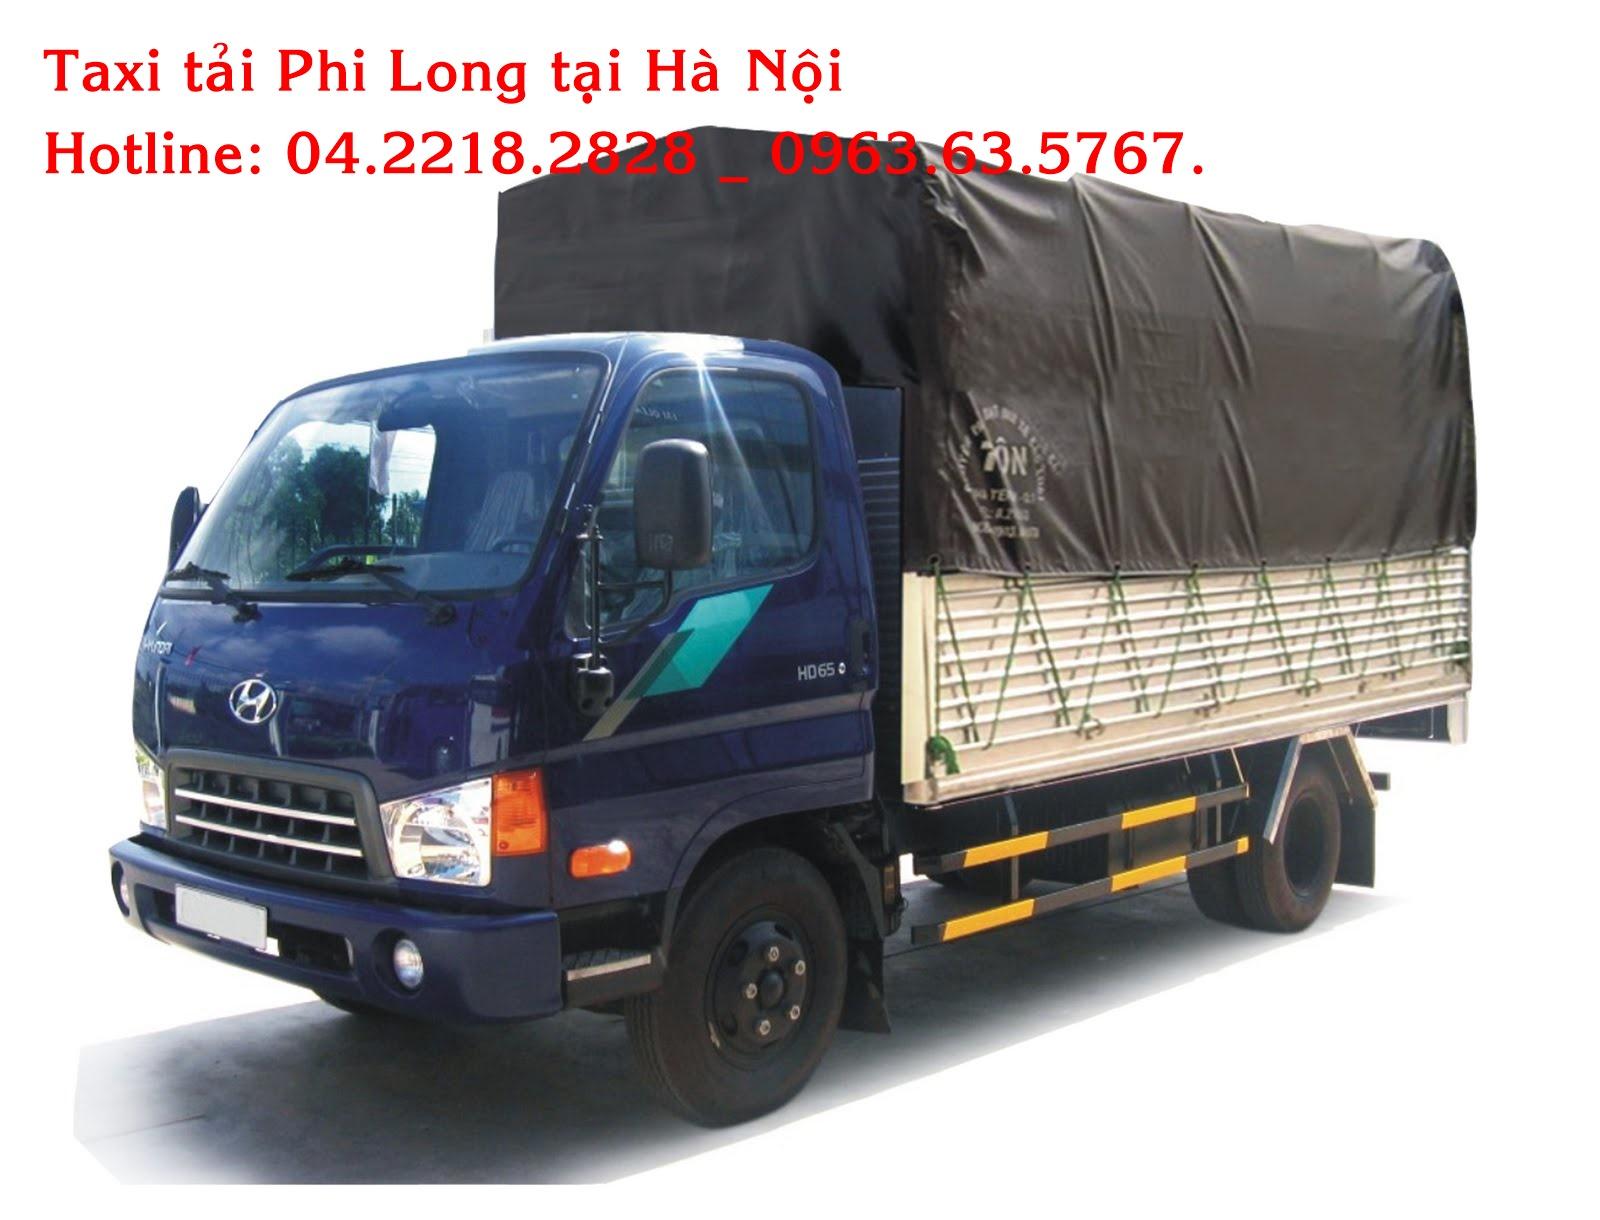 Dịch vụ taxi tải giá rẻ tại phố Hàng Chuối